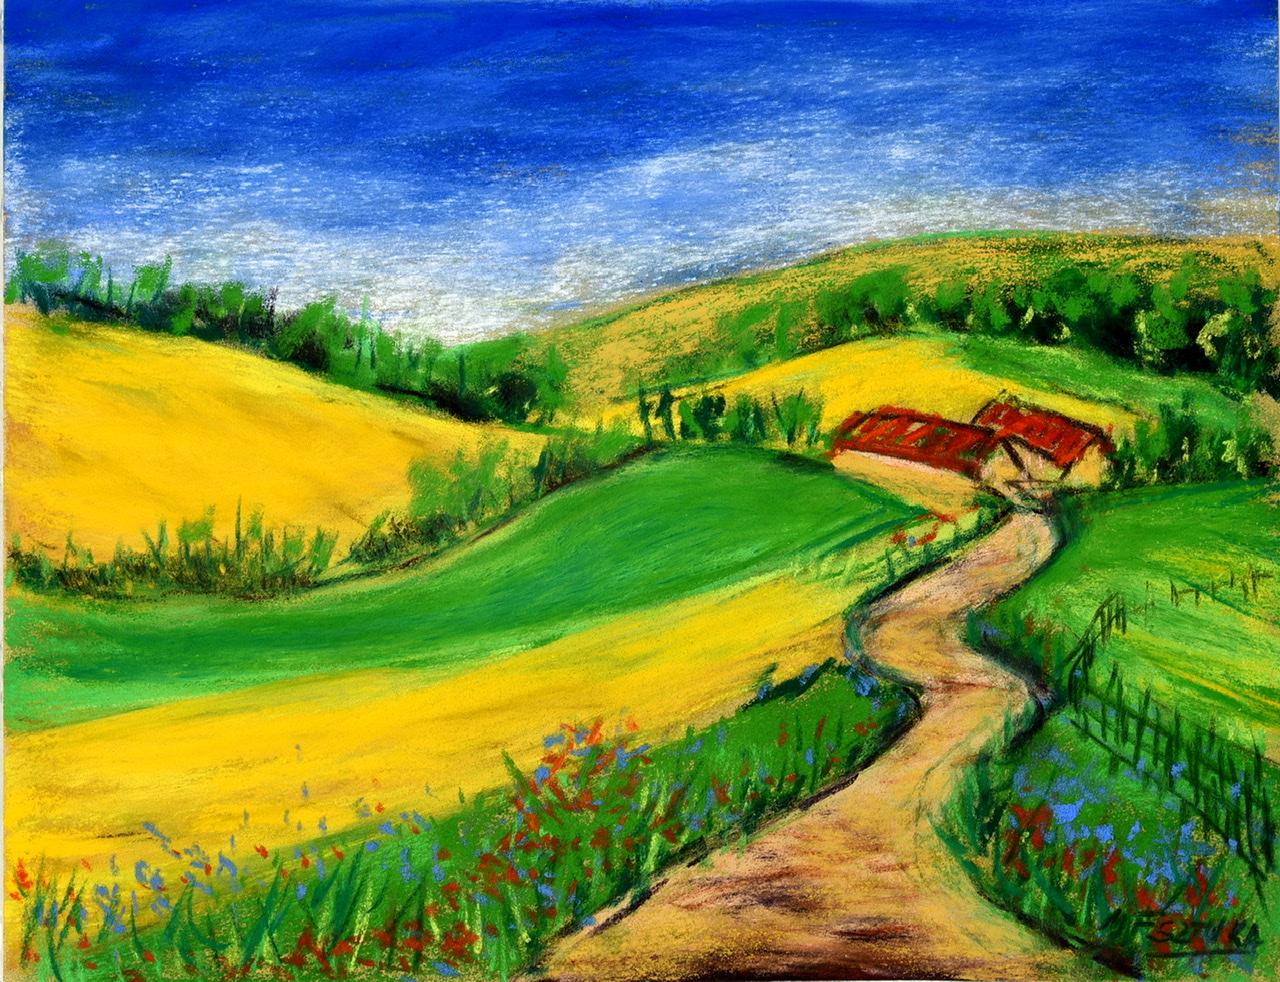 """<span style=""""color: #ff0000;""""><a style=""""color: #ff0000;"""" href=""""mailto:mfsztuka@orange.fr?subject=Défi 15 dessins 15 semaines - Champ de colza"""">Contacter l'artiste</a></span> Marie-Françoise Sztuka - Champ de colza - 40 euros (transaction directement avec l'artiste) - pastel sec sur pastel card 24 x 32 cm"""